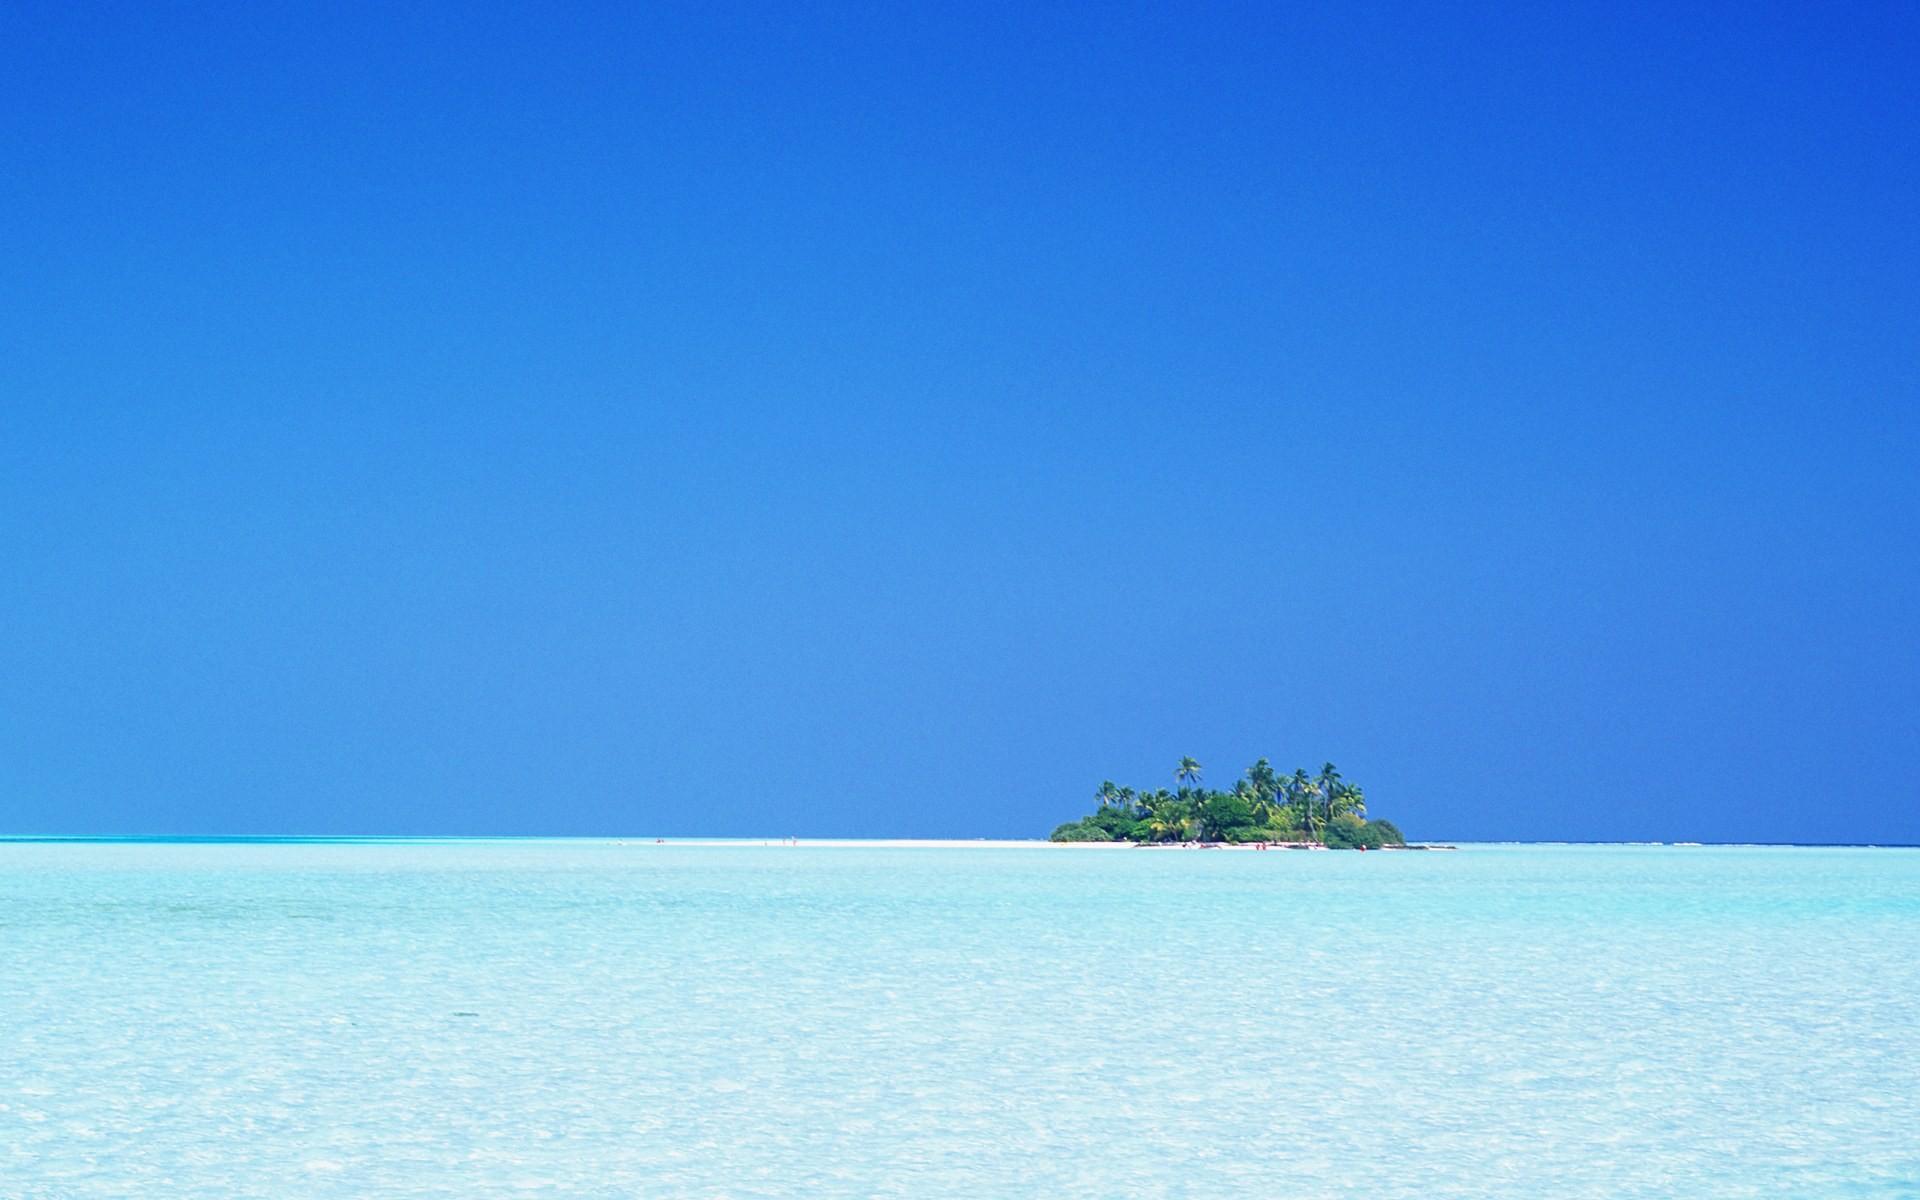 モルディブの海と青空